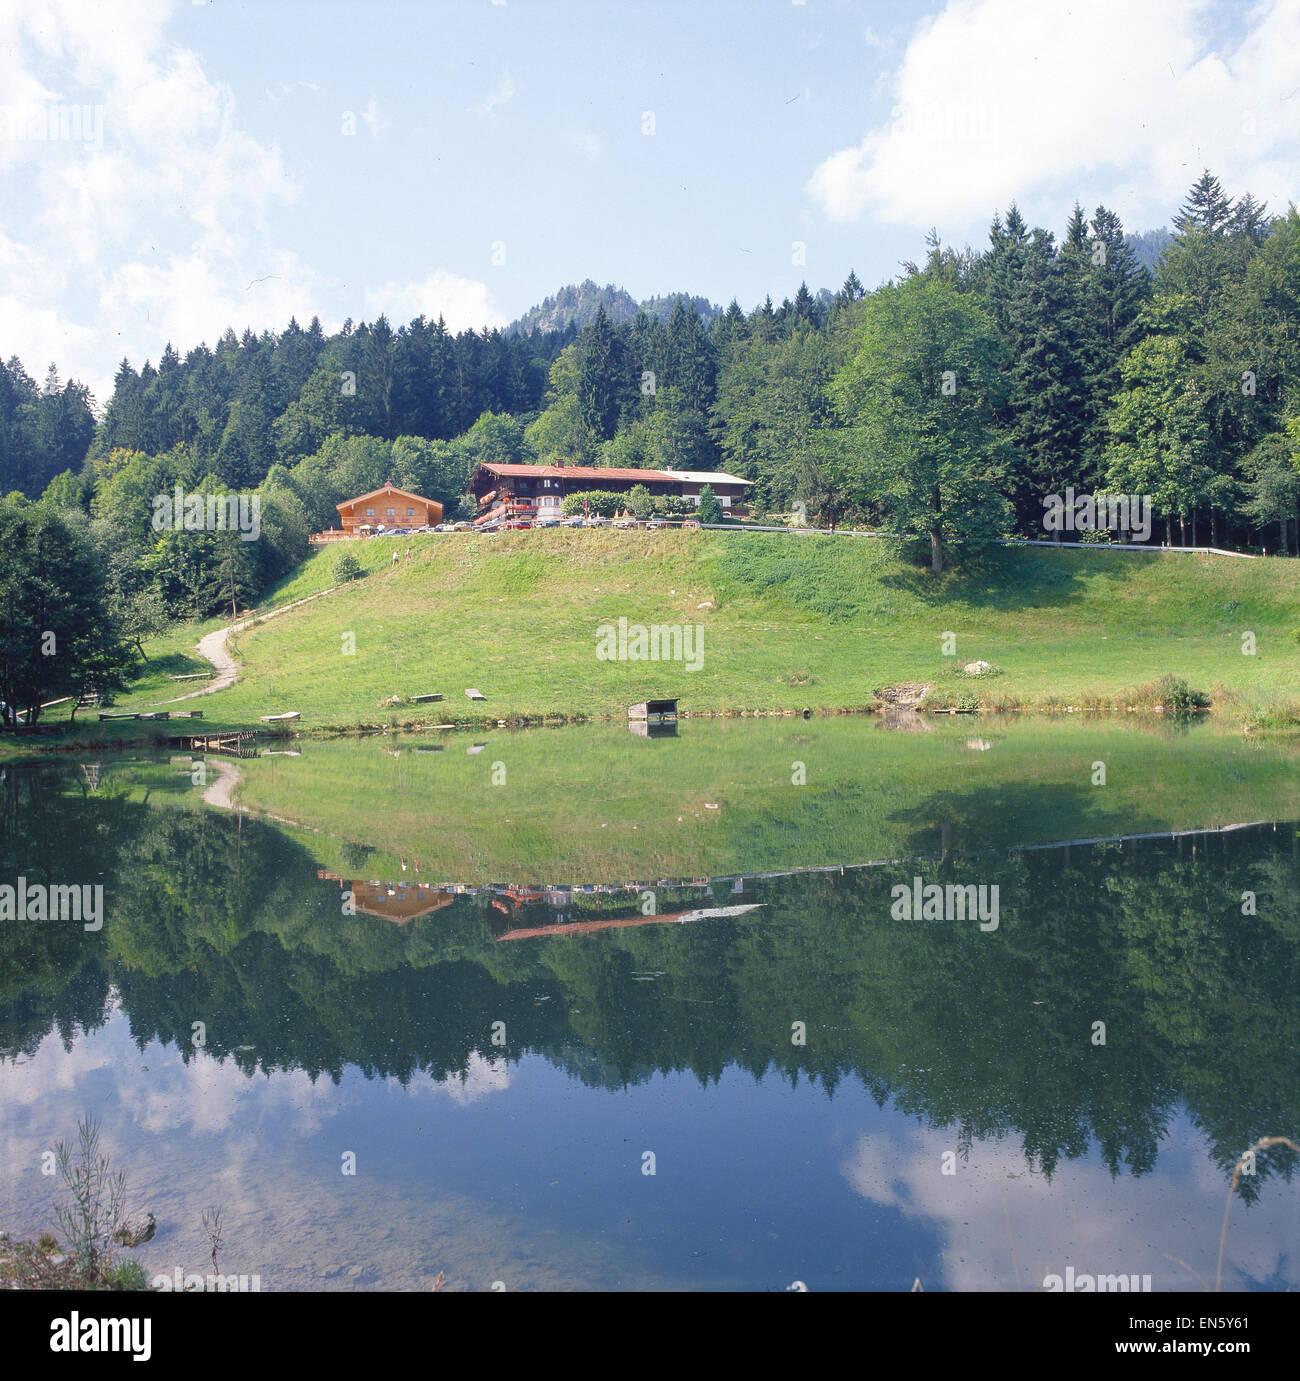 Deutschland, Bayern, München, Blick auf das Gasthaus Tatzelwurm, Obb - Stock Image